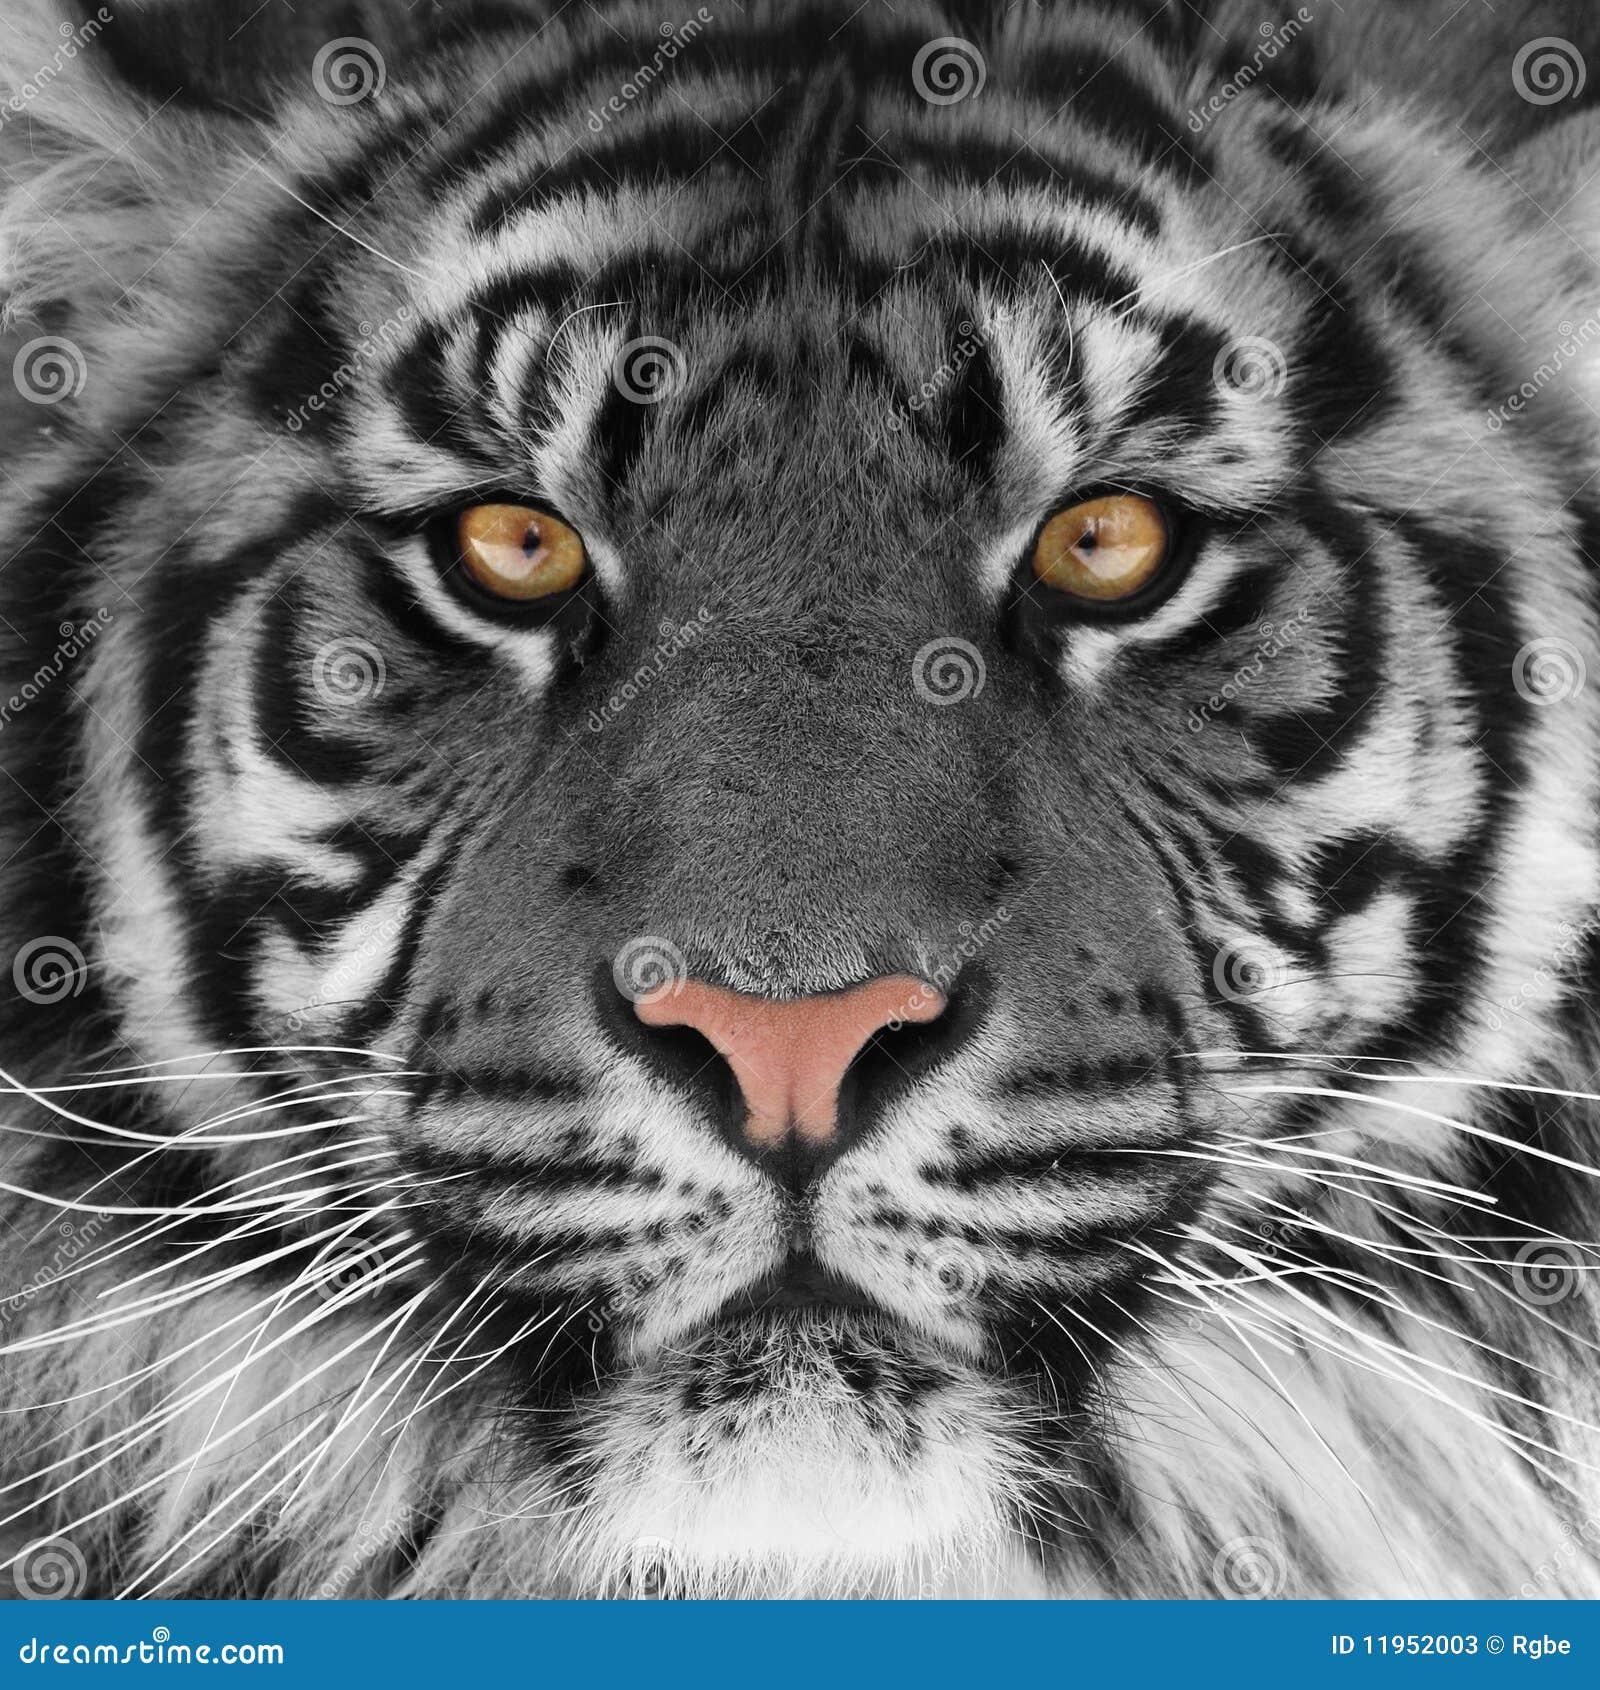 T te de tigre photos stock image 11952003 - Image tete de tigre ...